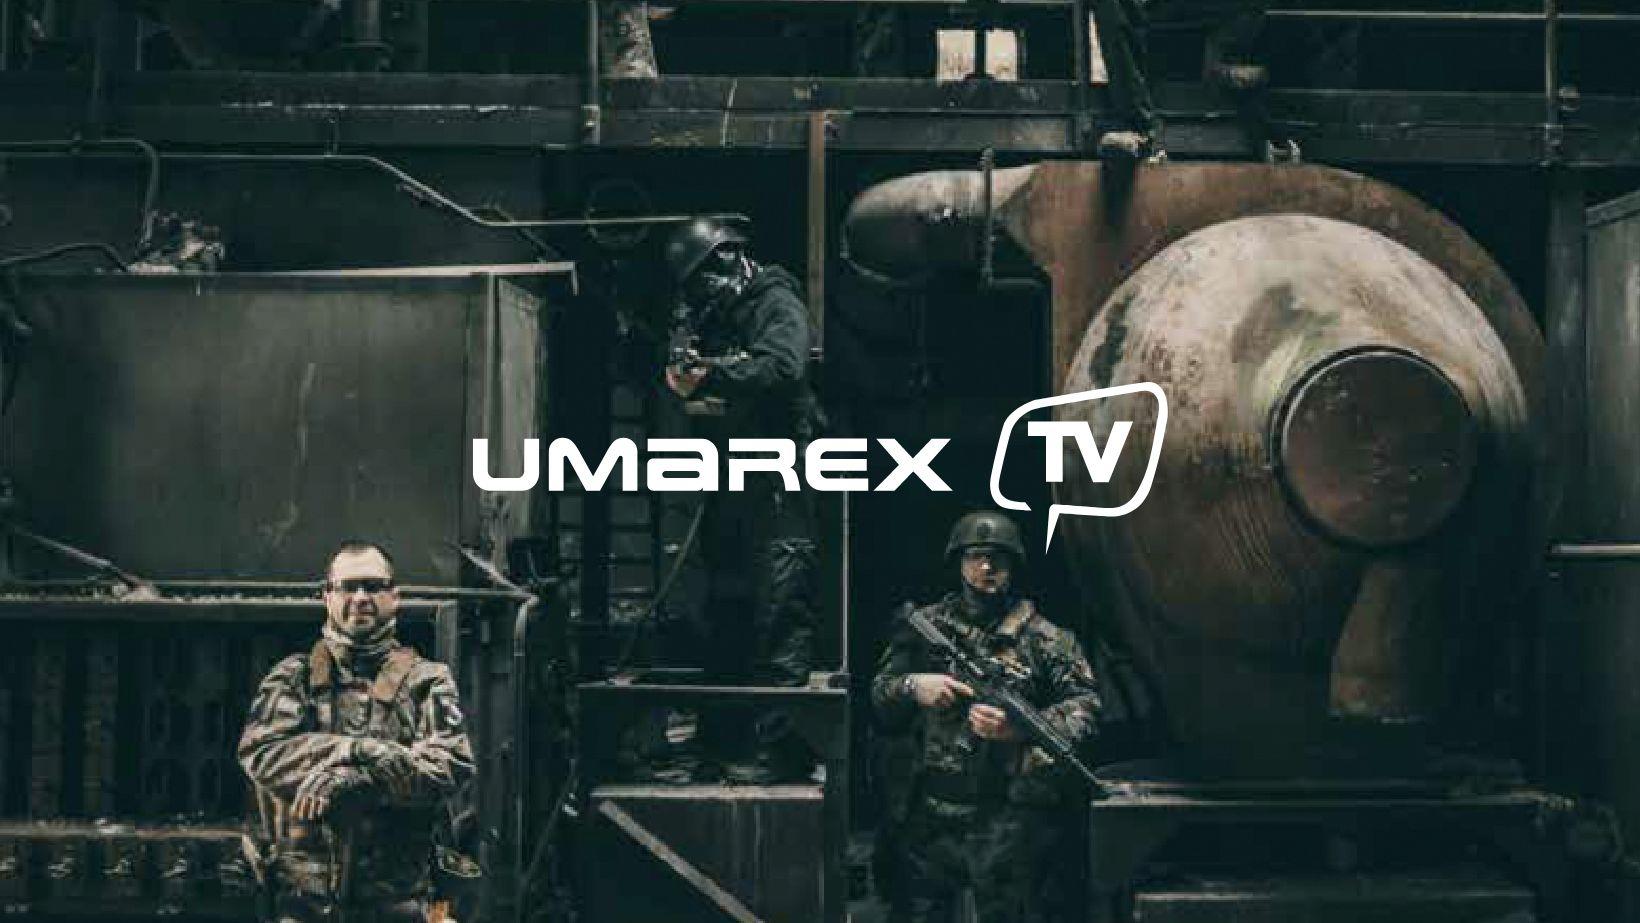 umarex tv